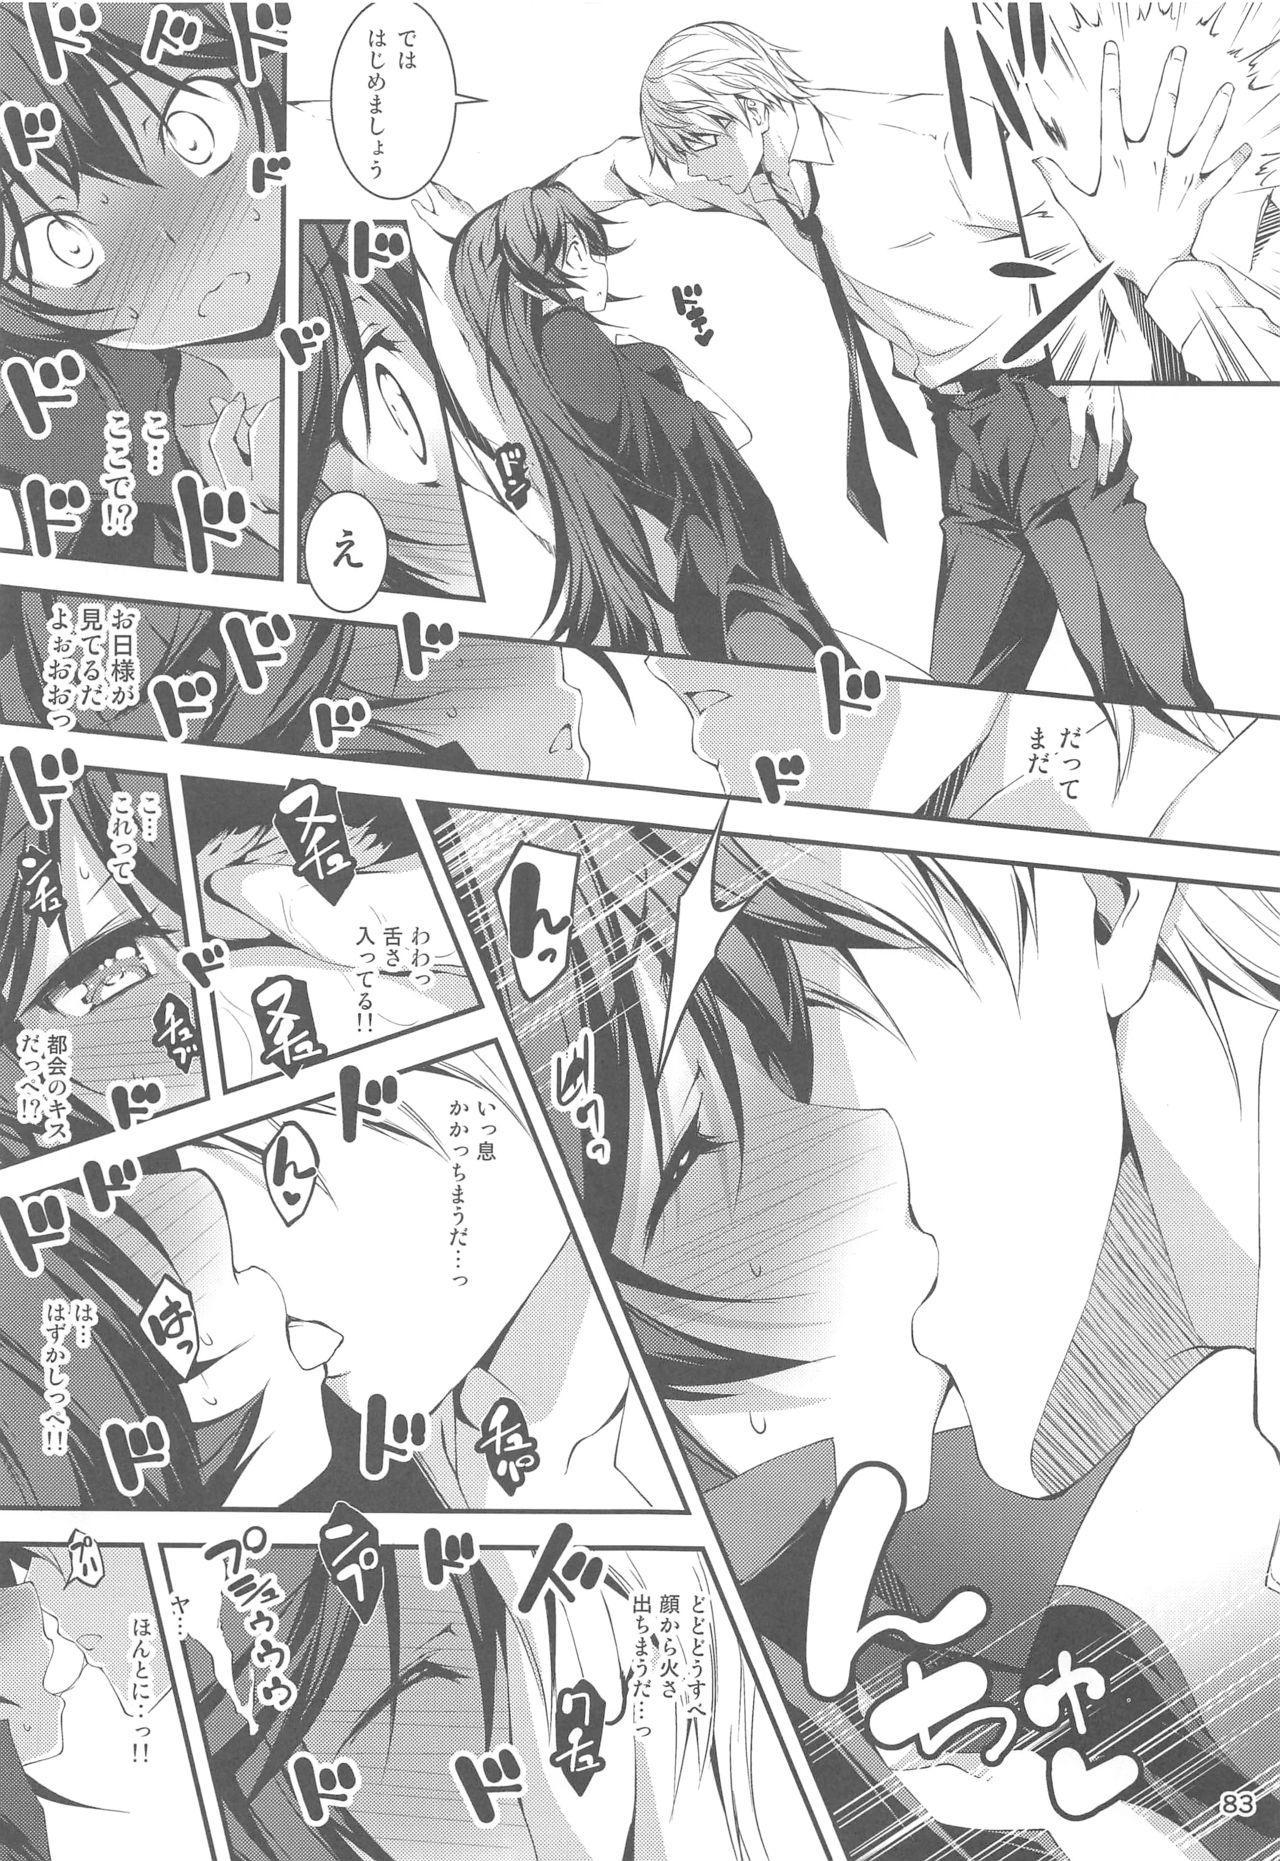 Ryman Fantasy Kuro no Ryman Soushuuhen 81